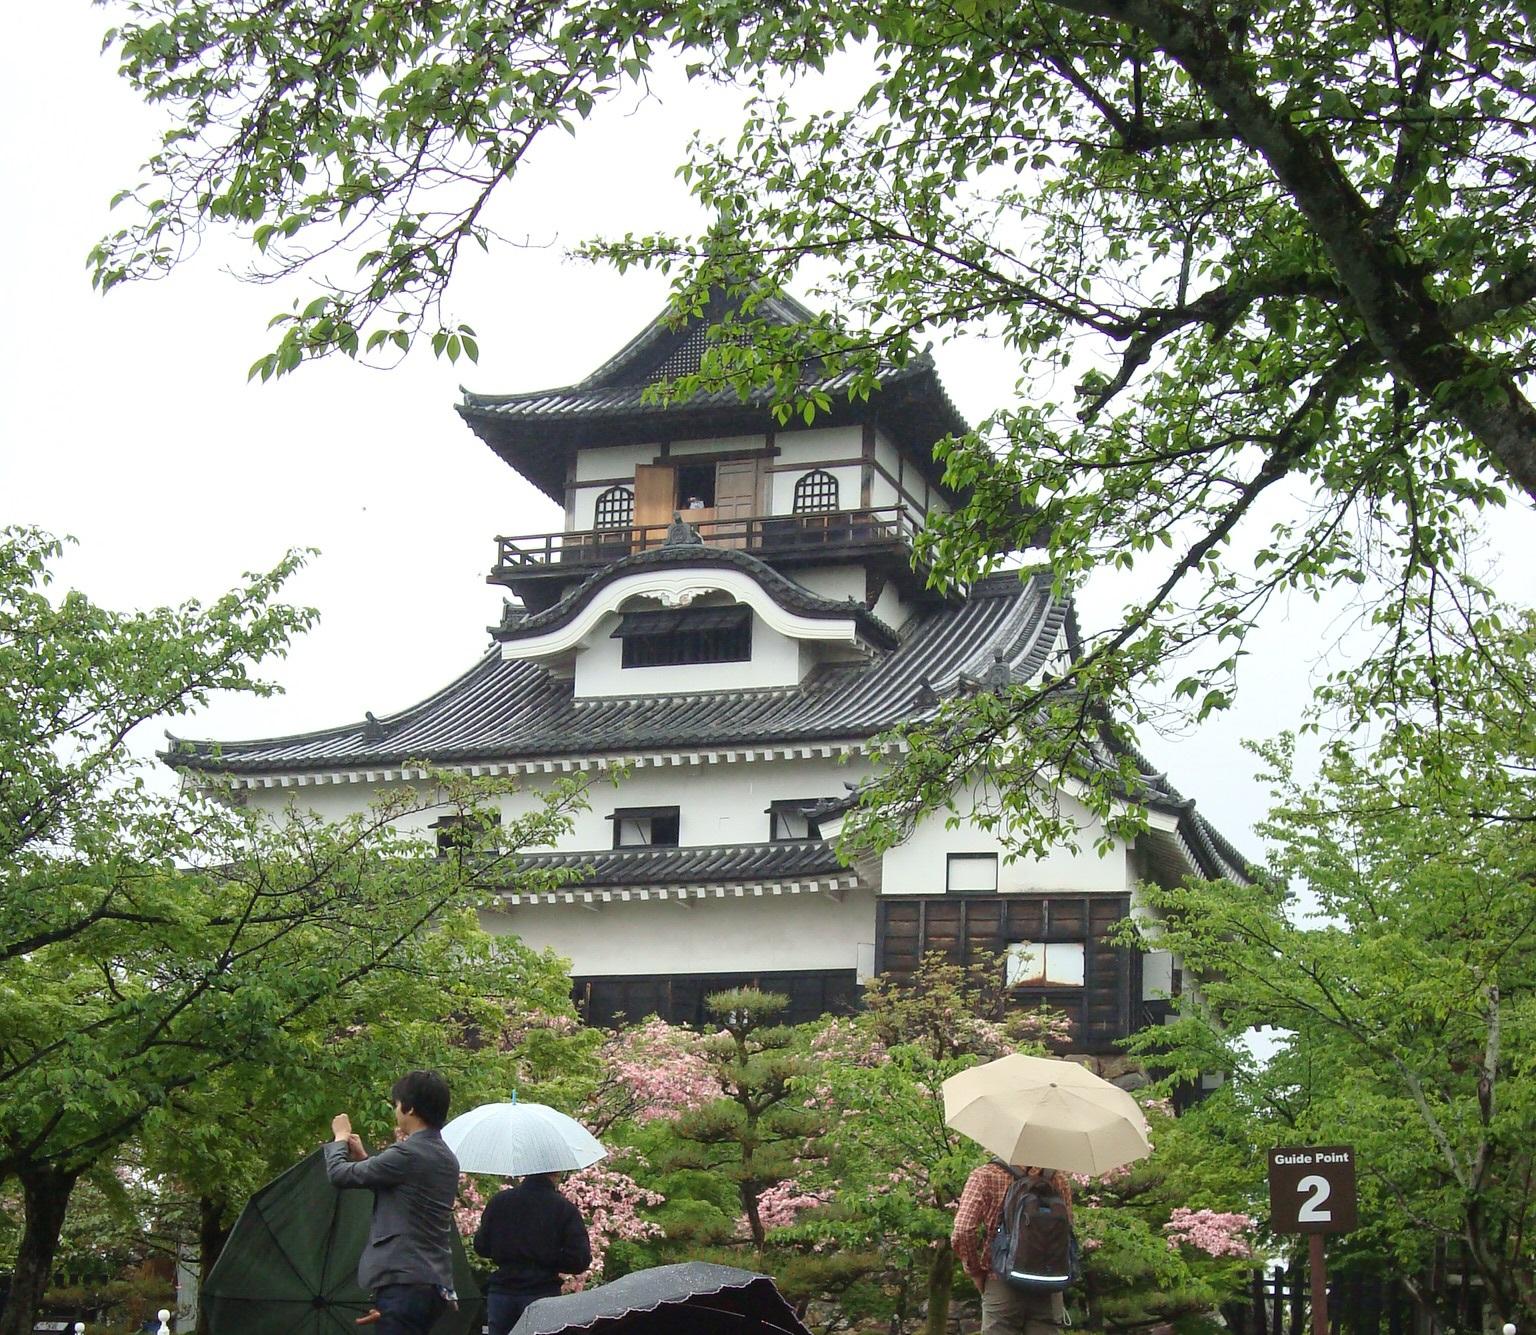 犬山城:三度の落城を経験した国宝天守犬山城 【お城特集 日本の歴史】